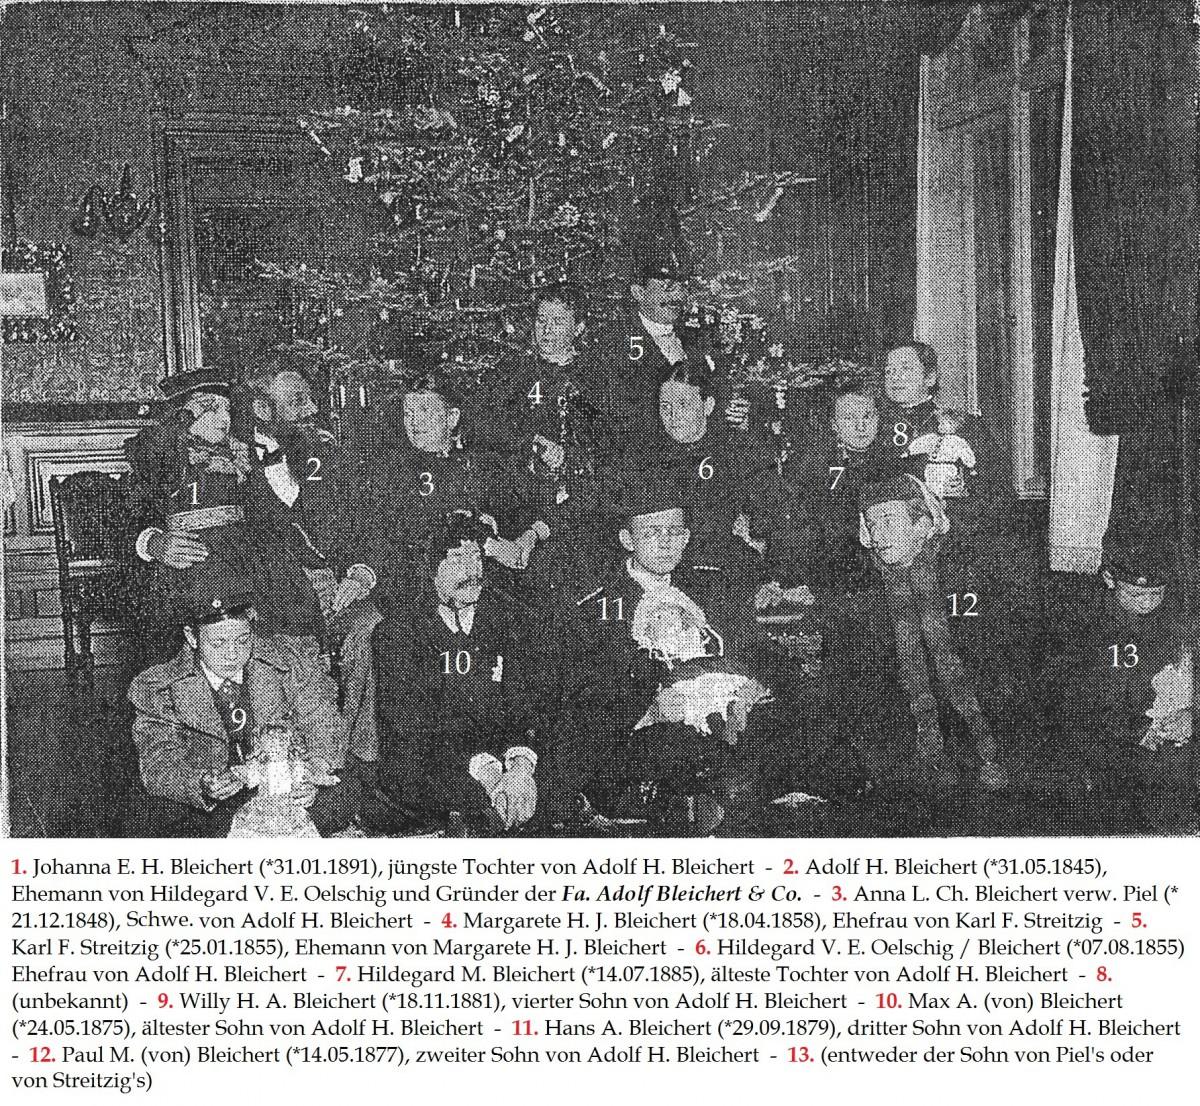 1899 Weihnachten in der Villa Hilda in Leipzig-Gohlis